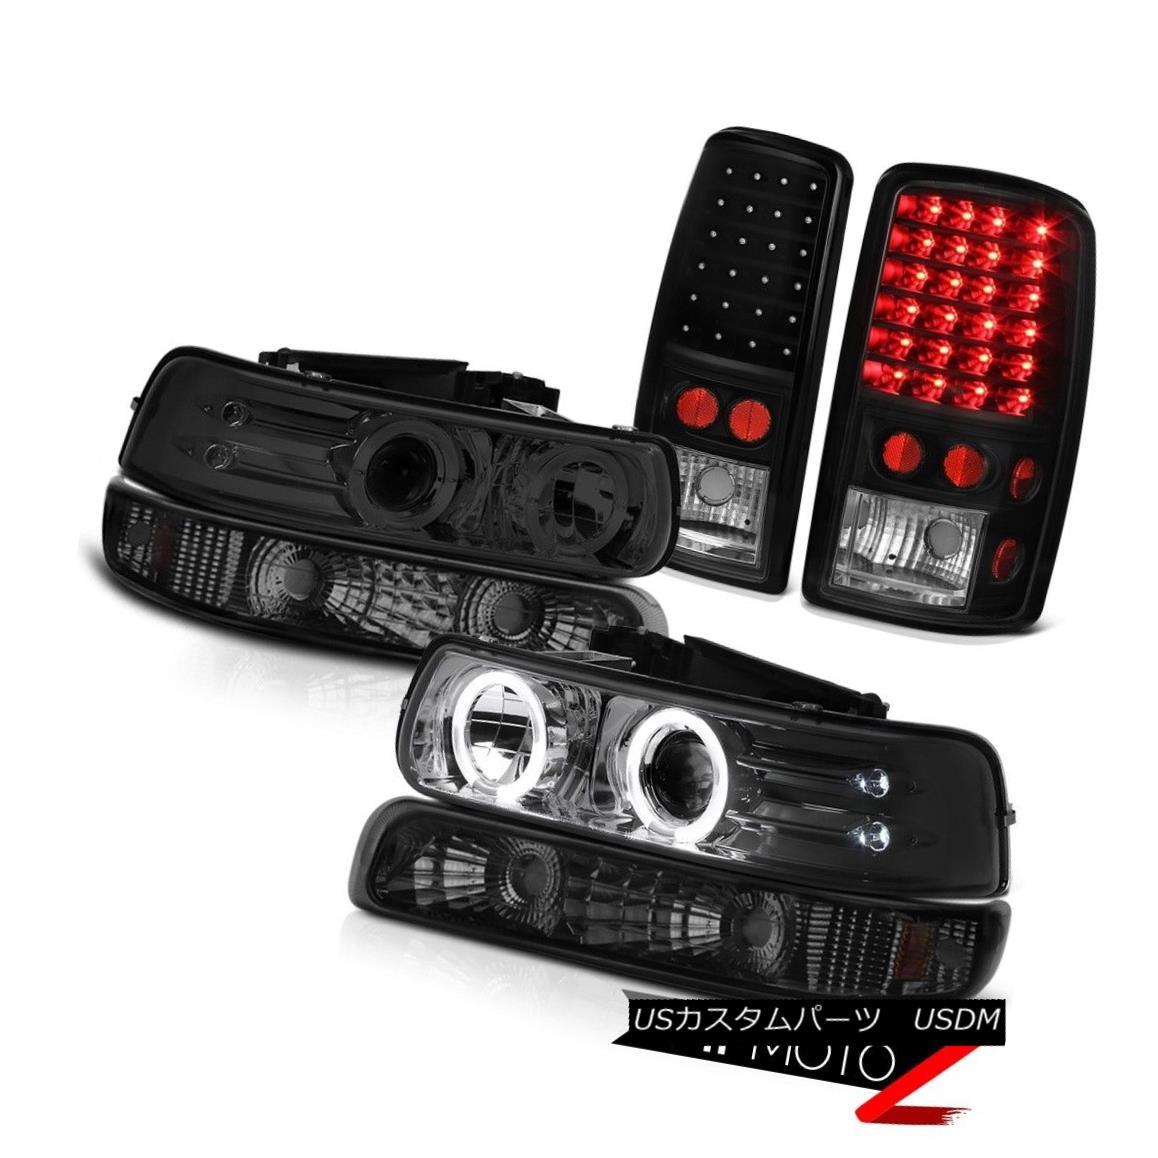 テールライト 00 01 02 03 04 05 06 Chevy Suburban 2x Halo LED Headlamps Smoke Tail Lights 00 01 02 03 04 05 06シボレー郊外2x Halo LEDヘッドランプ煙テールライト